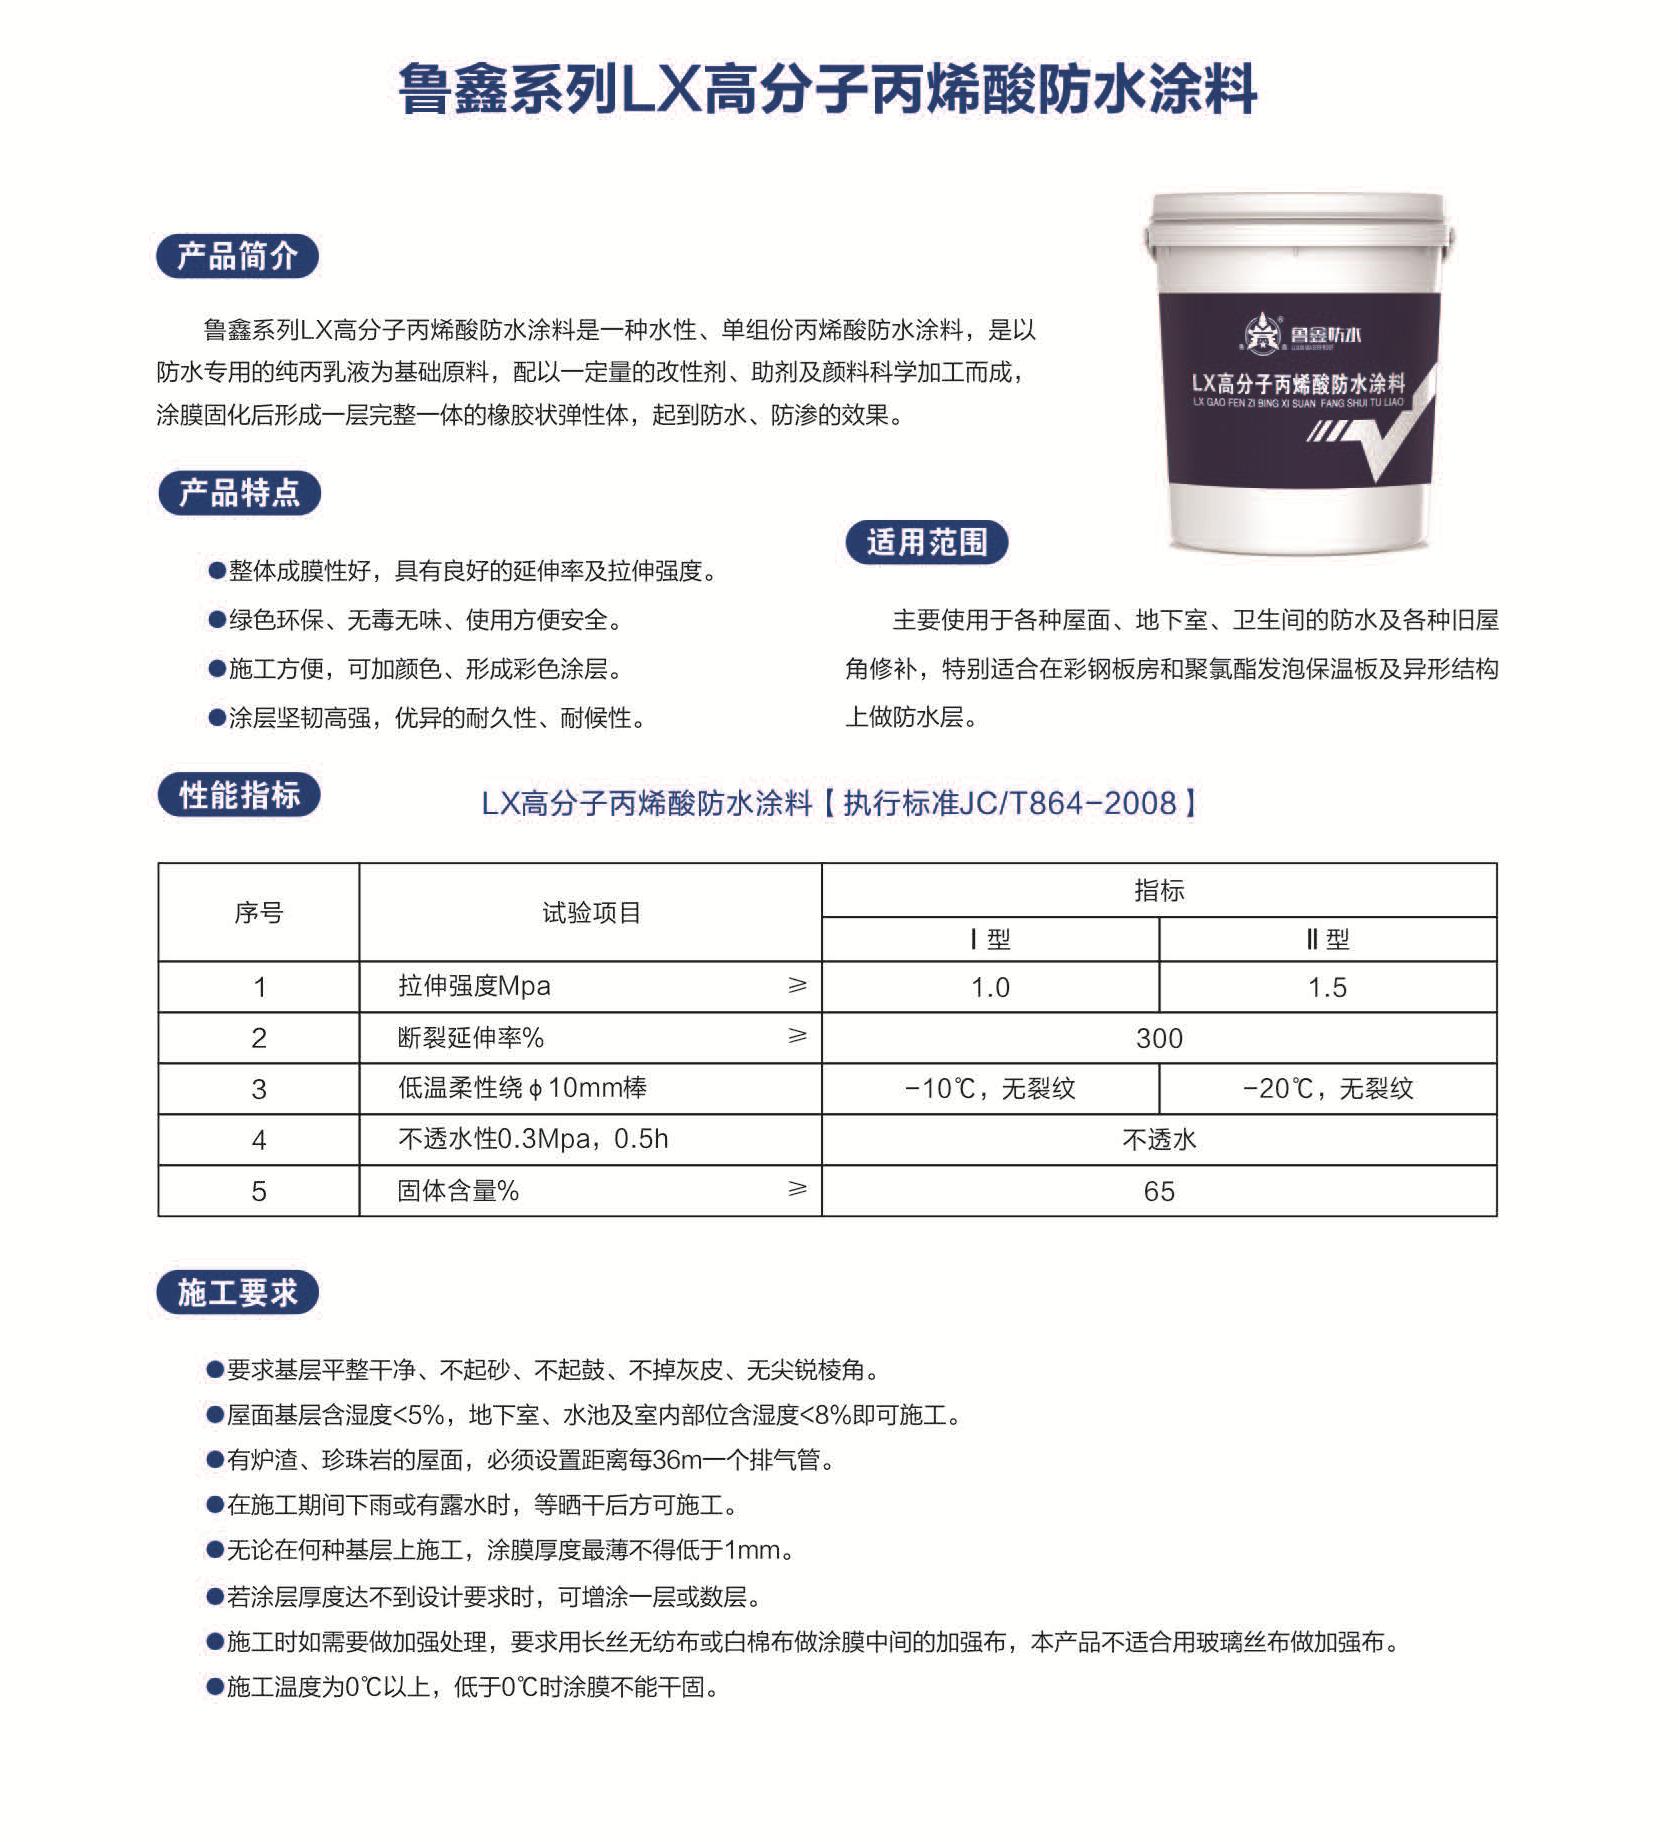 LX高分子丙烯酸防水涂料 (1)